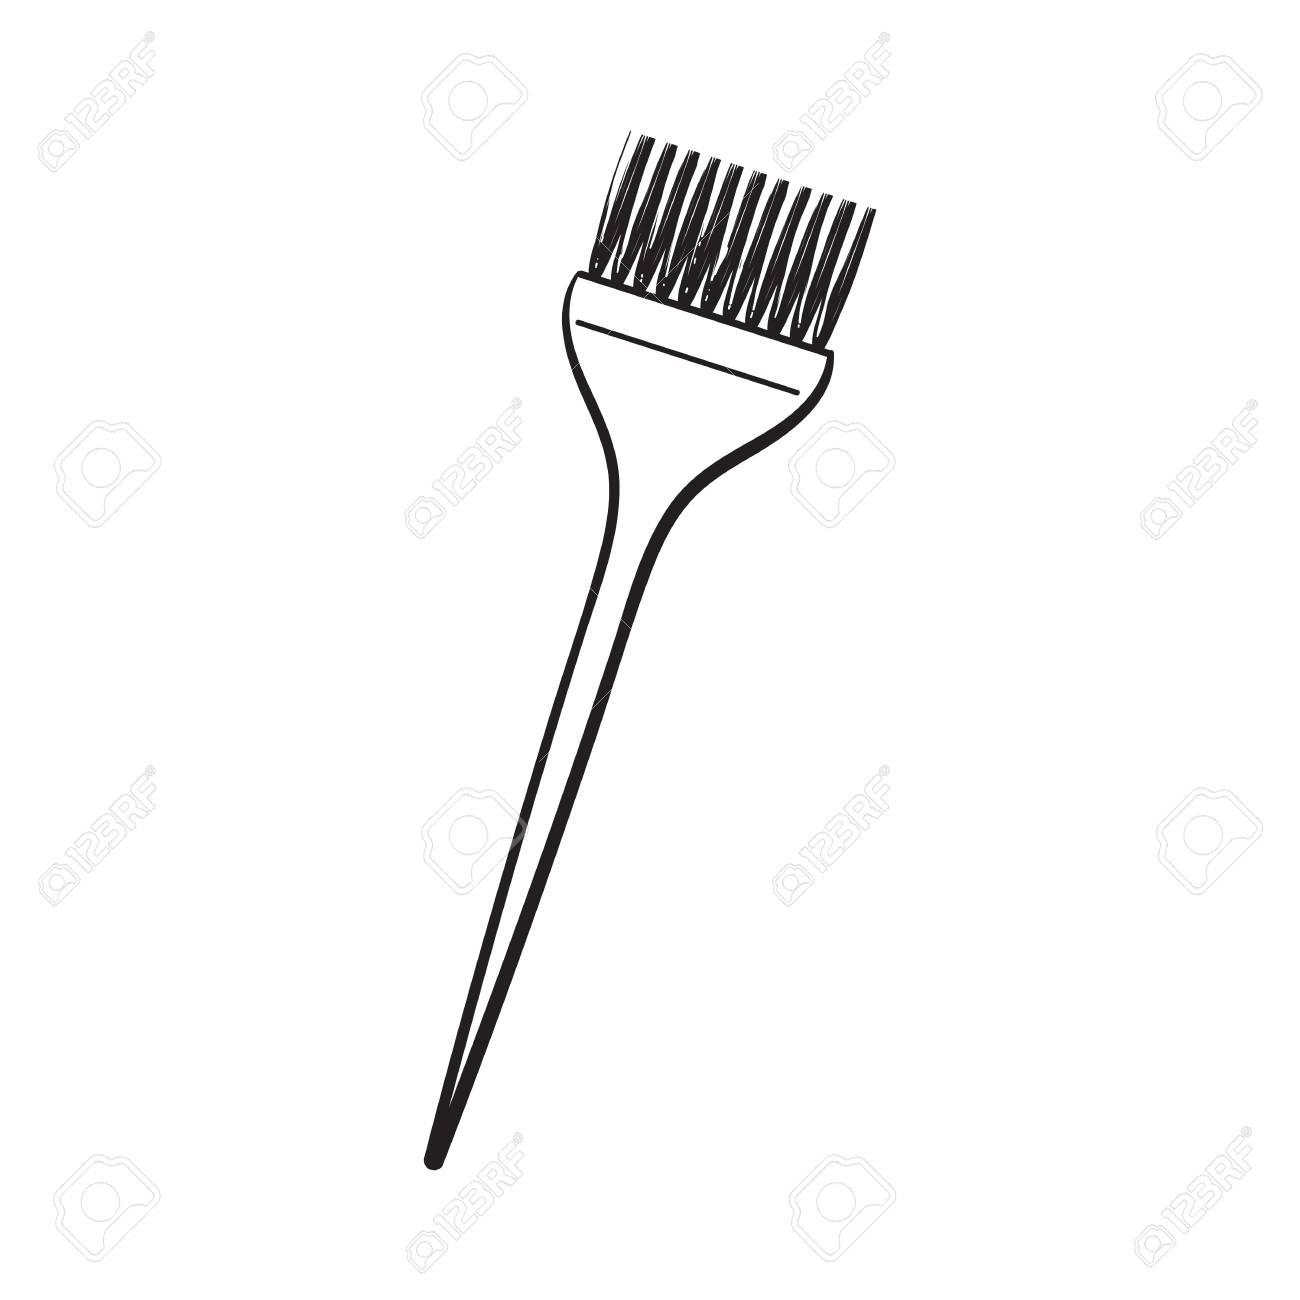 Coloree La Mezcla Del Cepillo Plástico Del Peluquero Cepillo Para El Pelo Ejemplo Del Vector Del Estilo Del Bosquejo Aislado En El Fondo Blanco